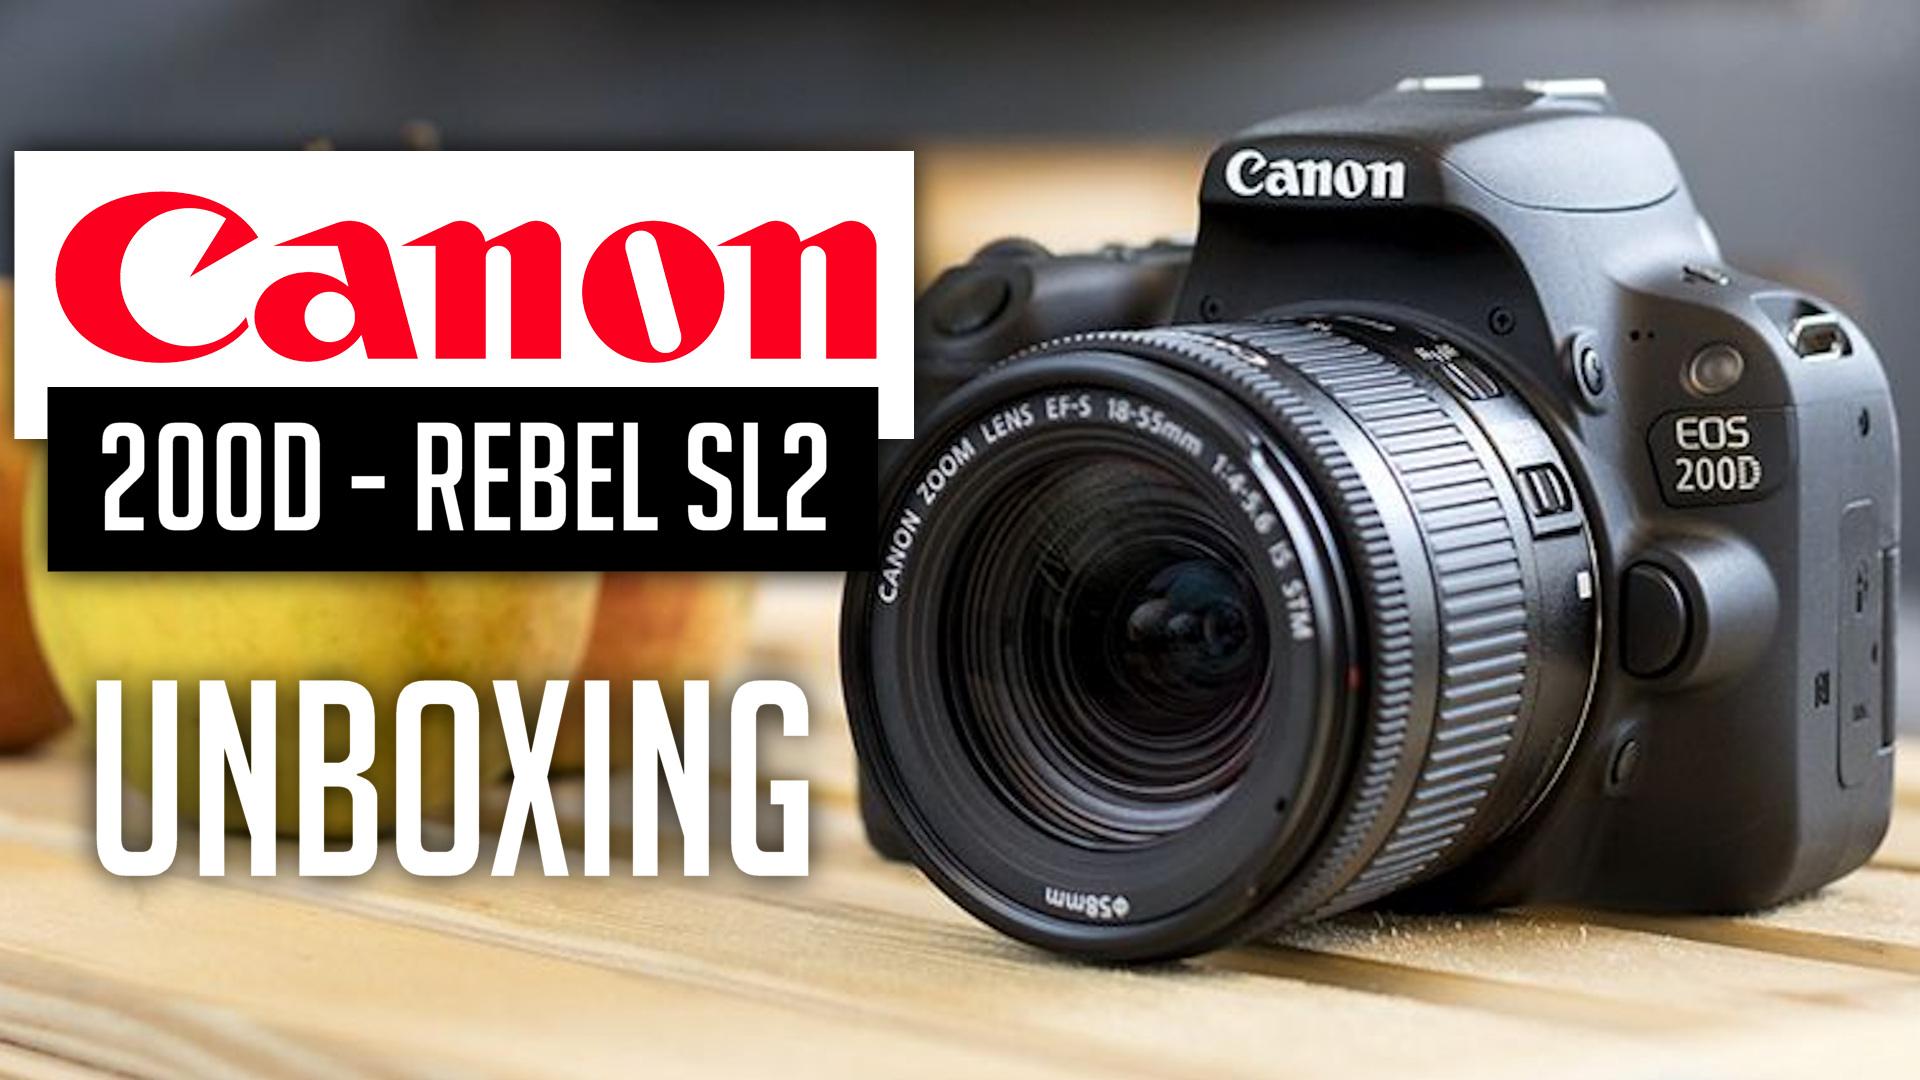 alan spicer,Canon EOS 200D,canon eos 200d unboxing,canon eos 200d unboxing and review,canon sl2,canon sl2 unboxing,sl2 canon,unboxing canon sl2,canon rebel sl2 unboxing,canon 200d unboxing,canon eos,dual pixel af,canon sl2 200d unboxing,canon eos sl2 200d,canon 200d,rebel sl2,canon eos rebel sl2,canon sl2 camera,best budget canon camera,canon sl2 video,unboxing,canon camera,canon camera unboxing,canon 200d sl2,dslr camera,canon rebel sl2